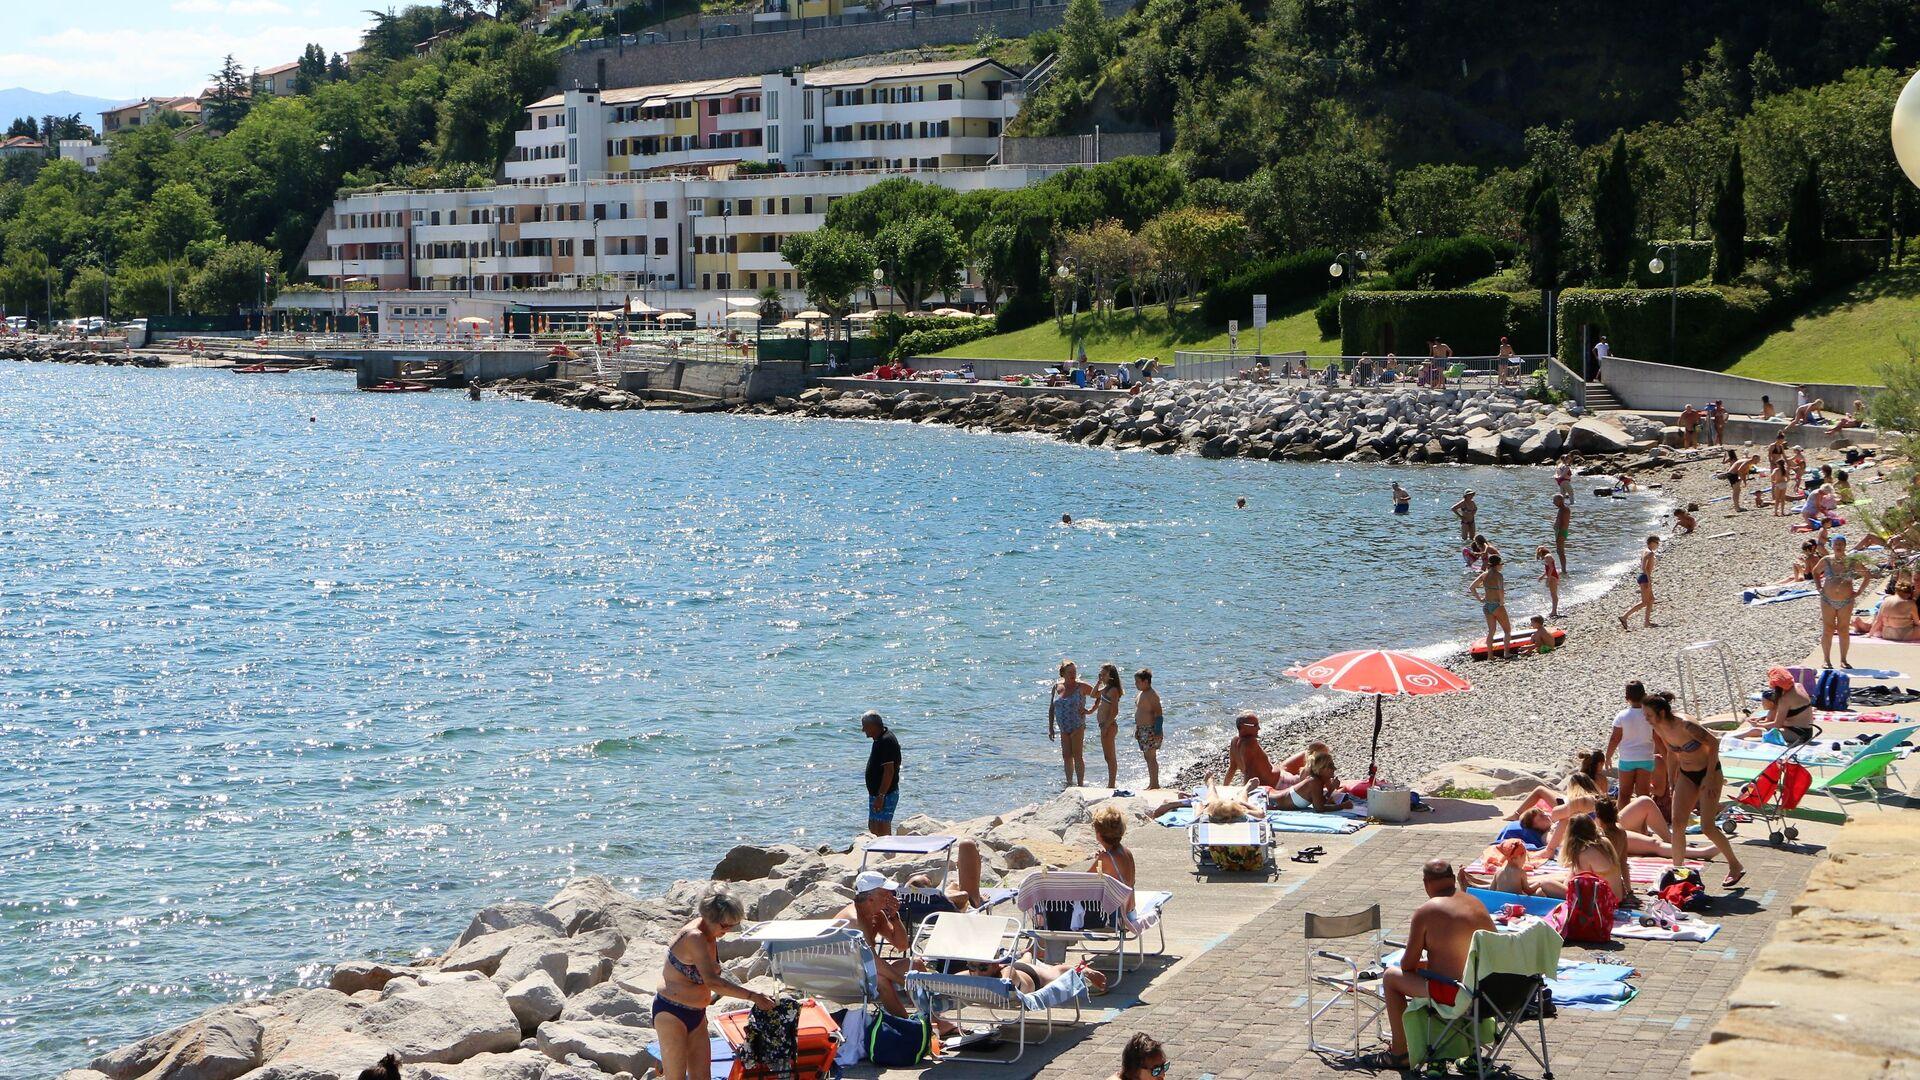 Spiaggia di Muggia - Sputnik Italia, 1920, 11.07.2021